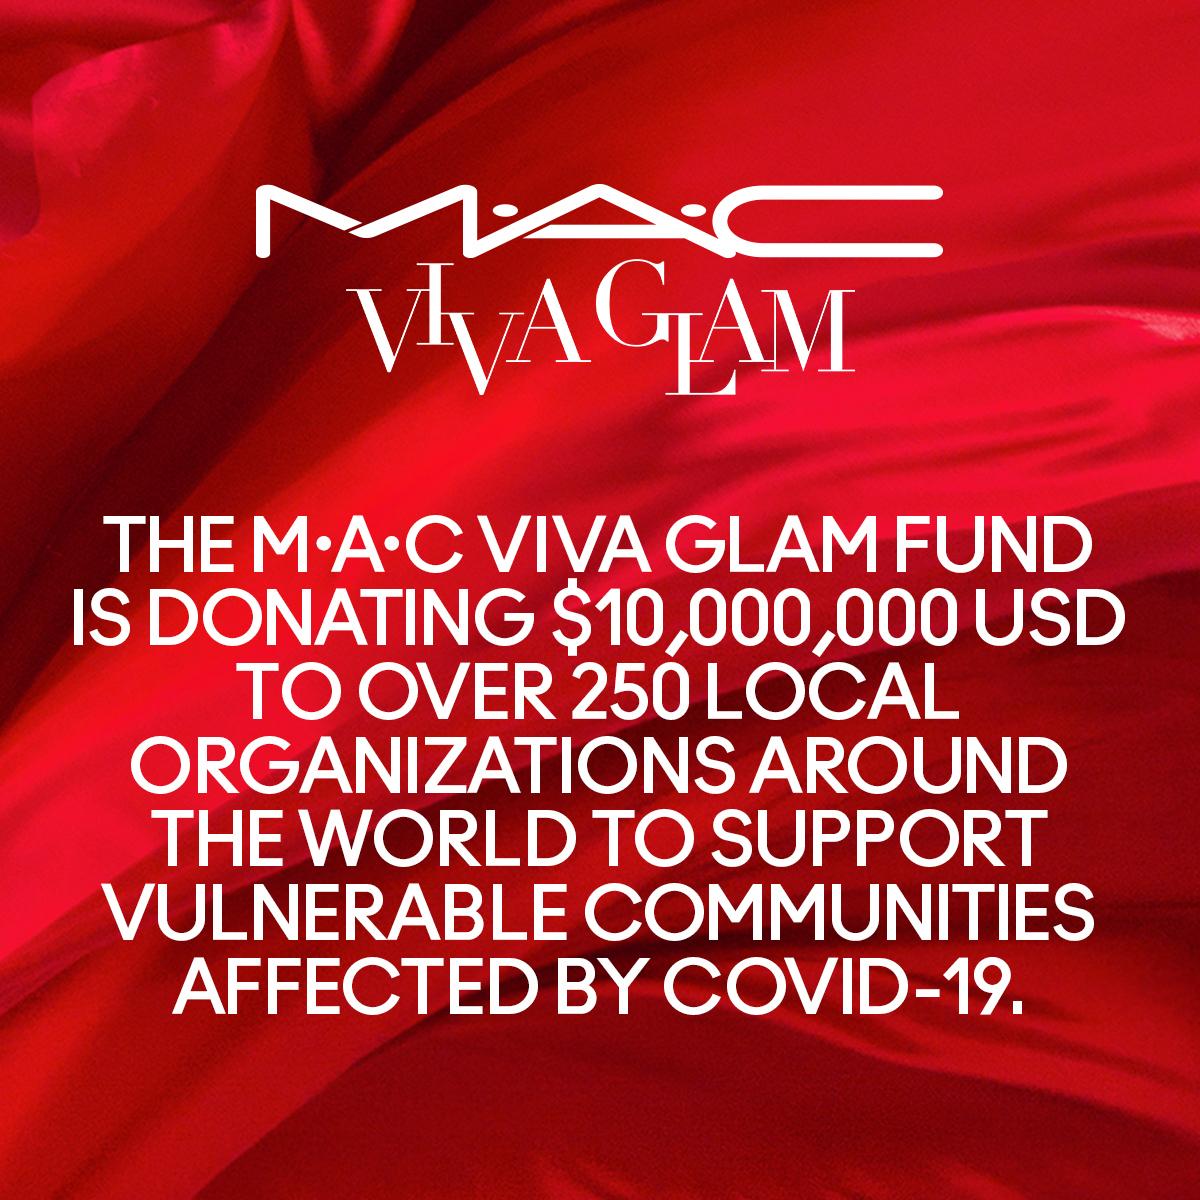 M・A・Cが新型コロナ感染対策のため1000万ドルの寄付を決定